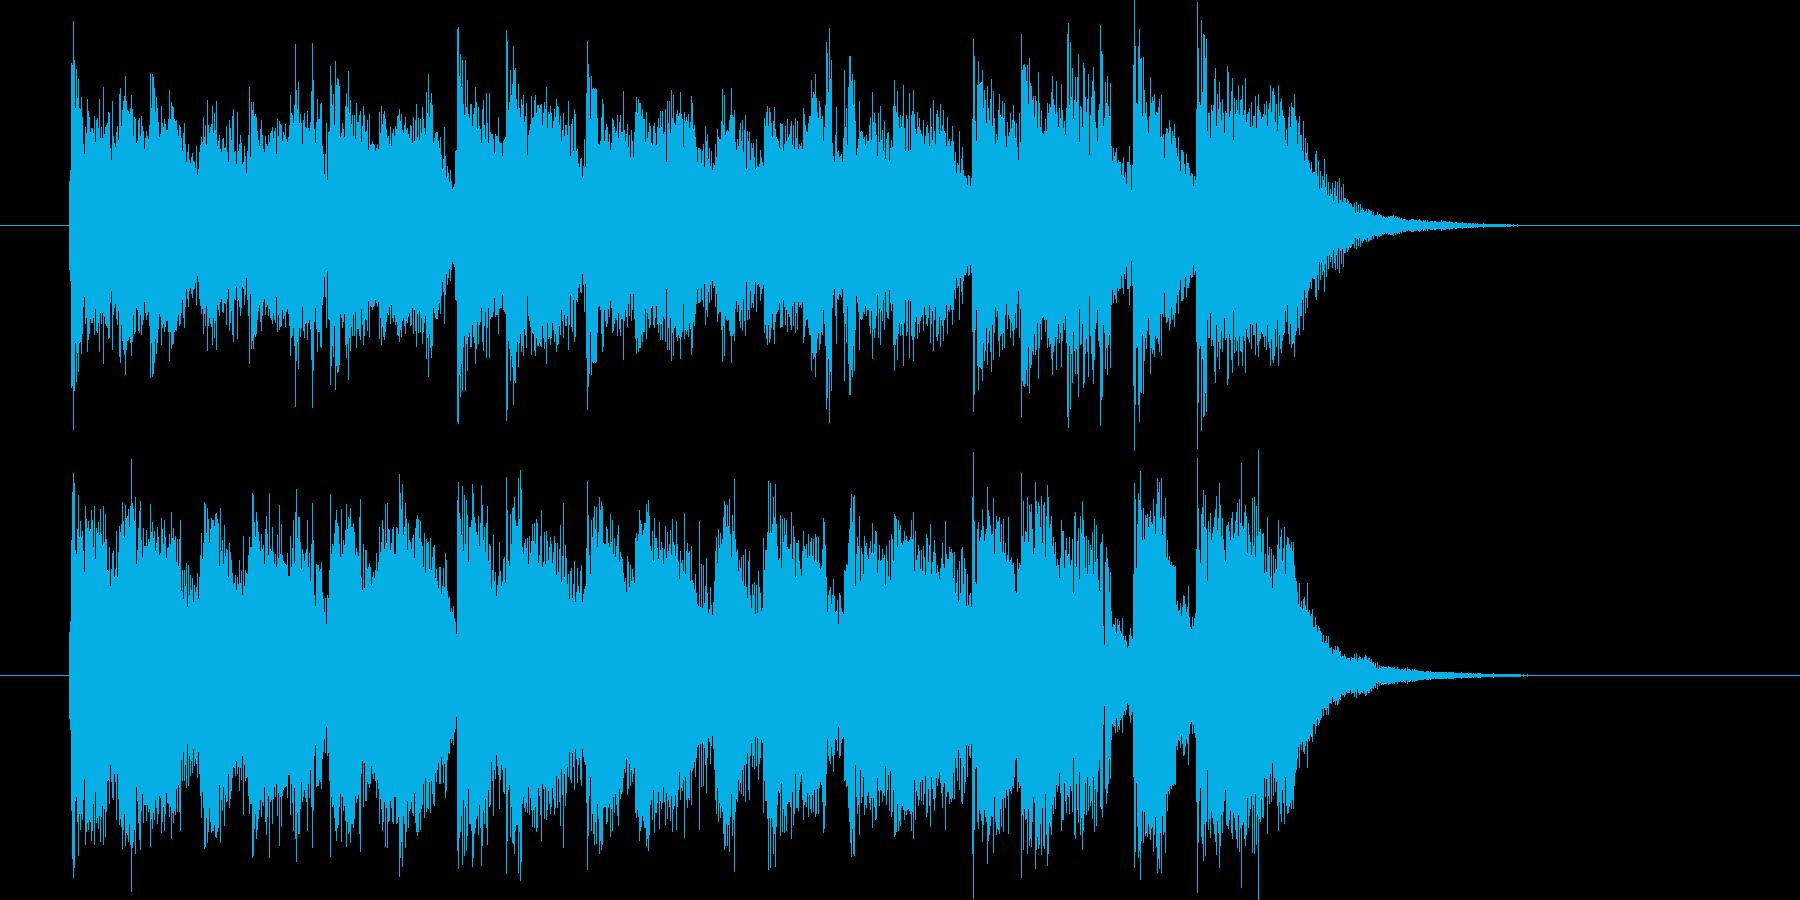 クールな勢いのフュージョンによるジングルの再生済みの波形